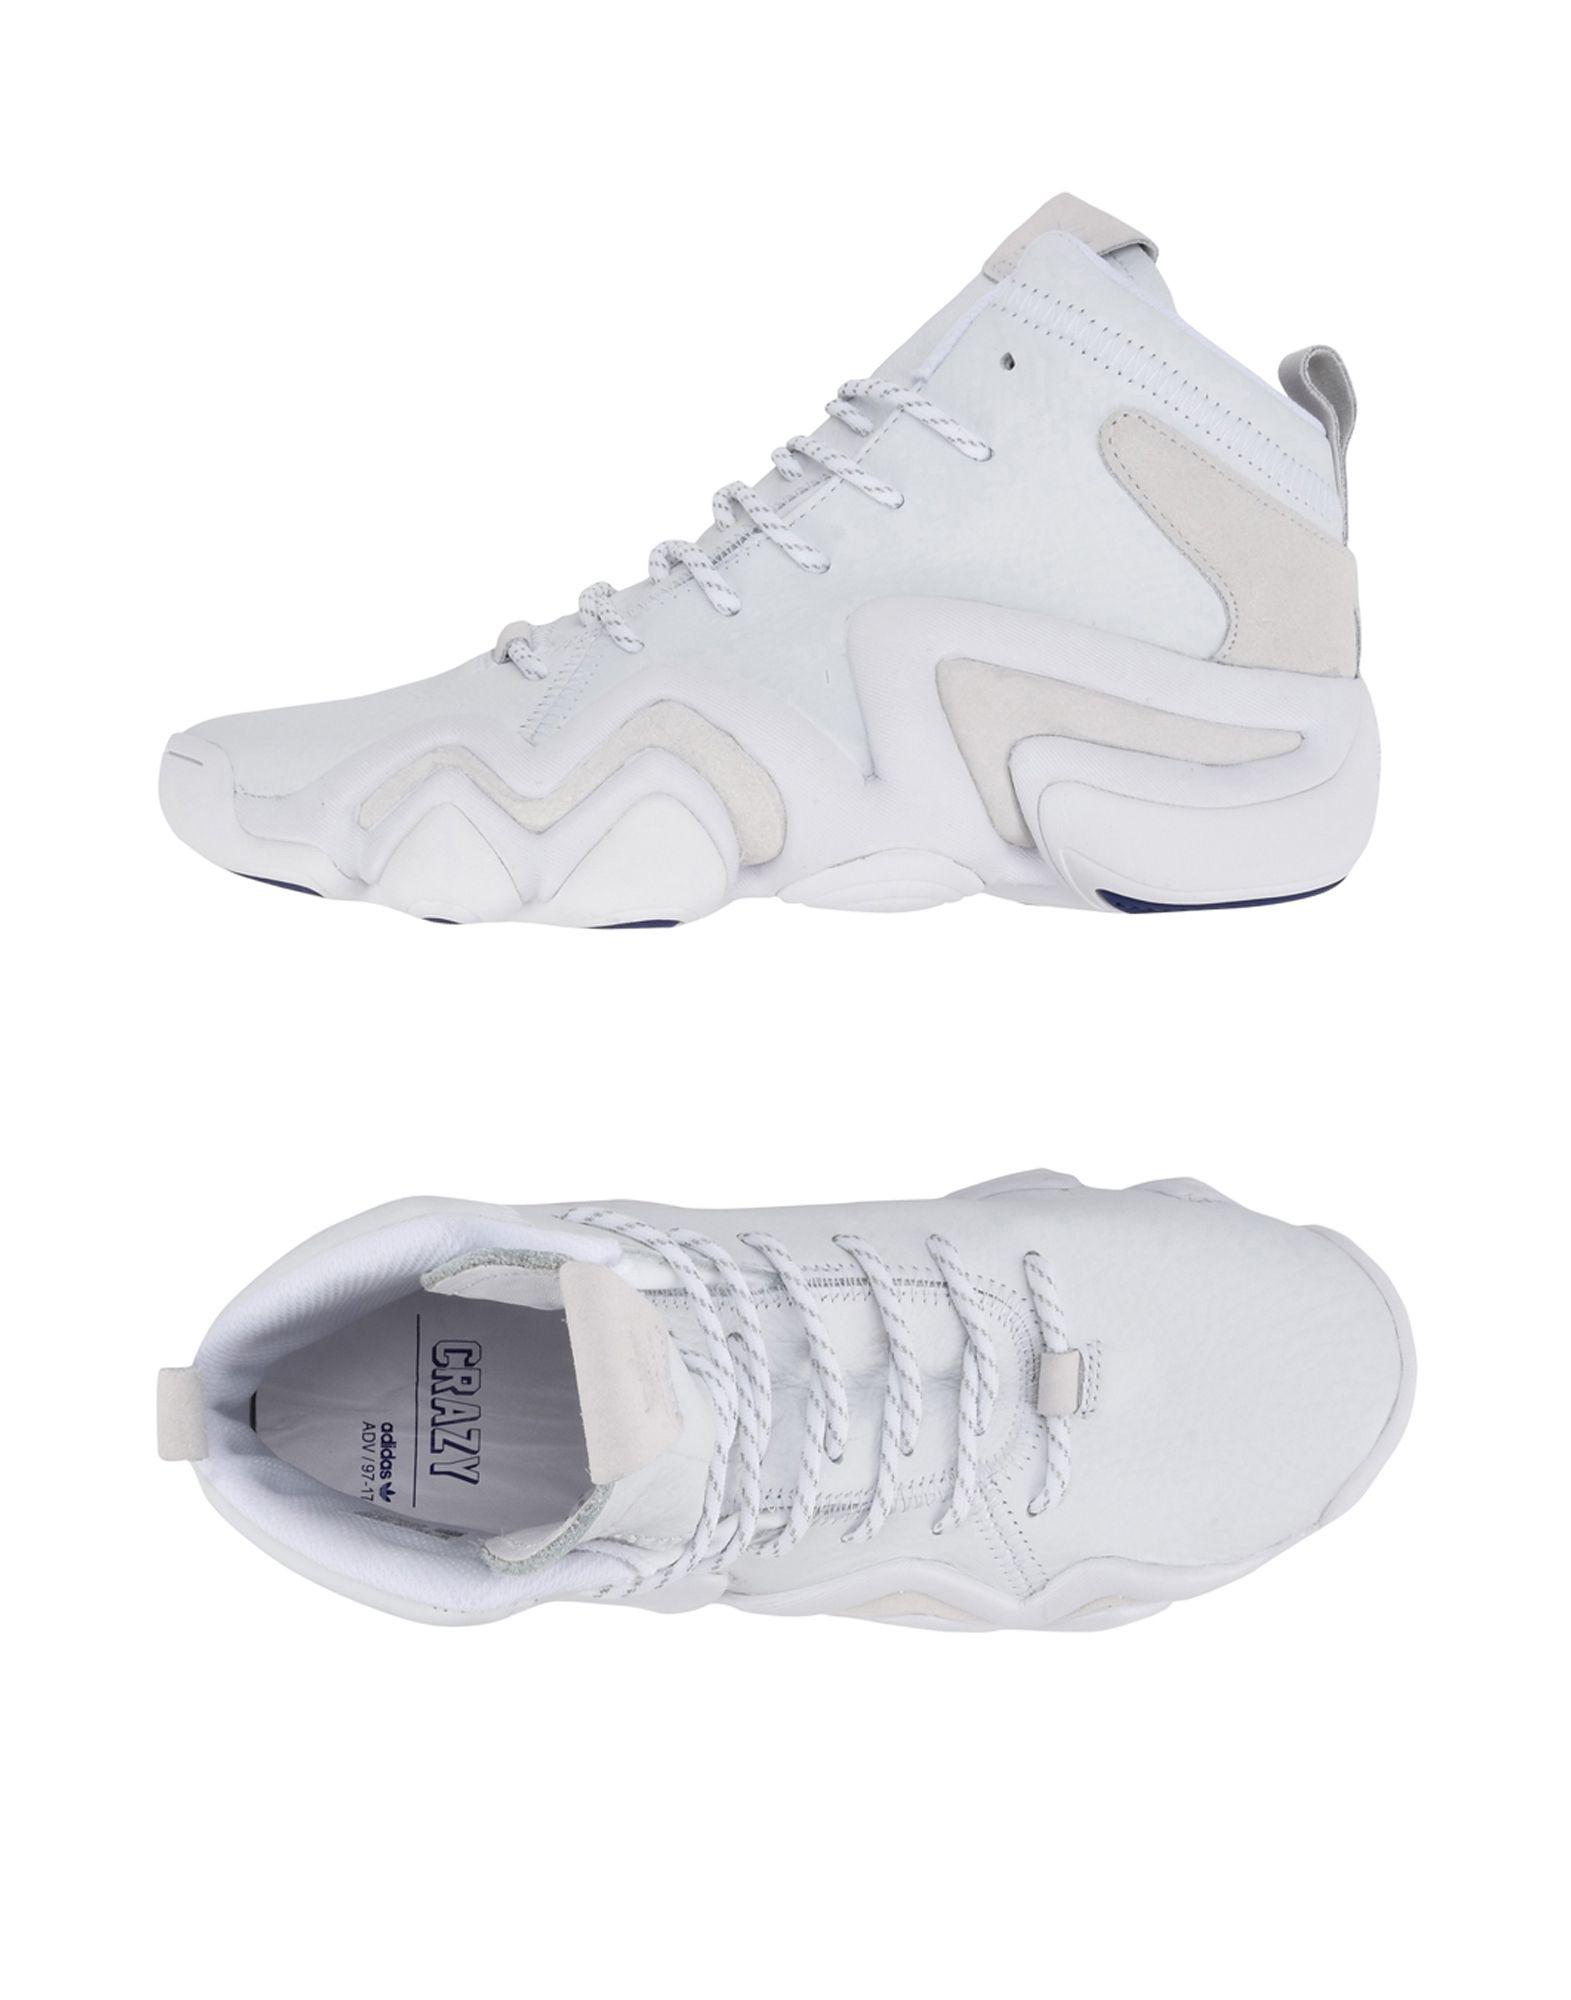 Sneakers Adidas Originals Crazy 8 Adv (Asw) - Uomo - 11446343AO